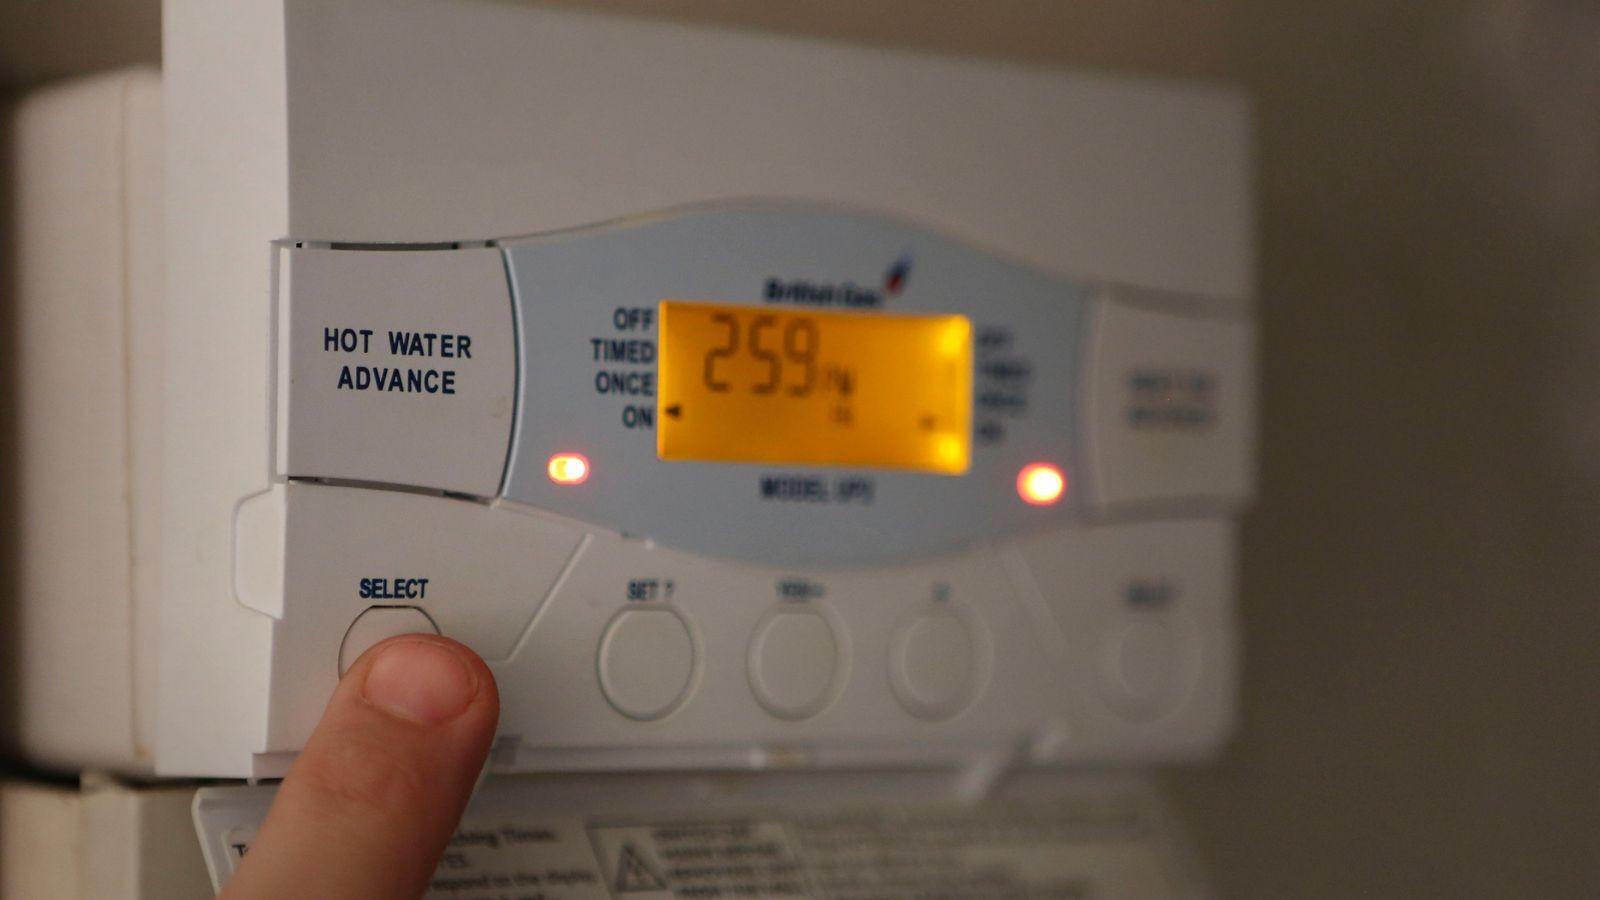 Giá khí đốt tăng vọt buộc một số nhà cung cấp năng lượng ở Anh phải ngừng kinh doanh. (Nguồn: Skynews)